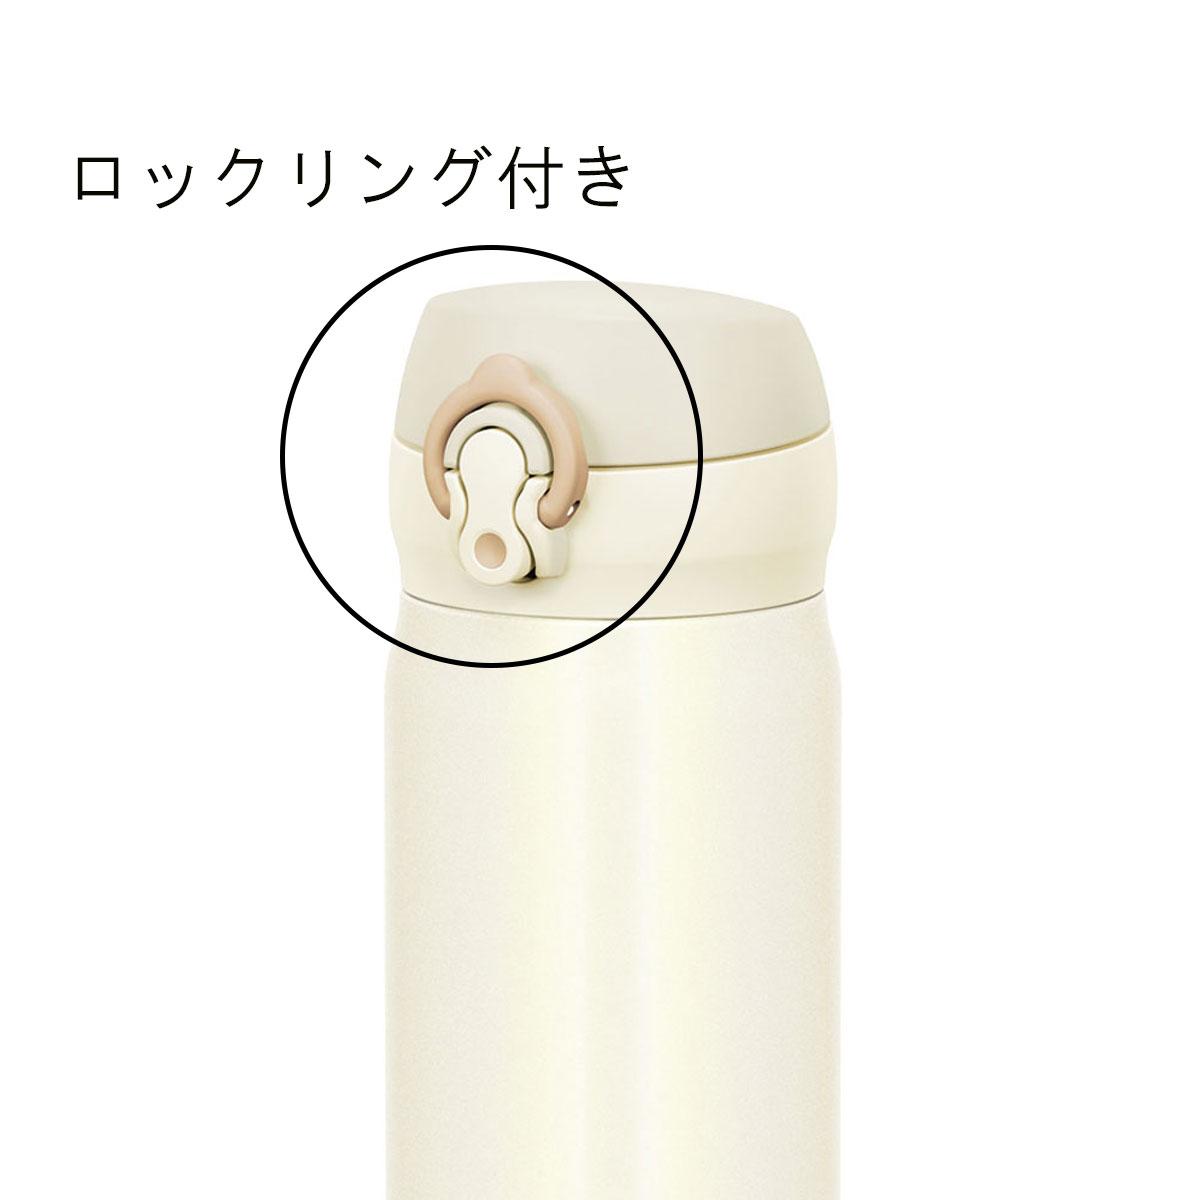 サーモス 真空断熱ケータイマグ 350ml JNL-354